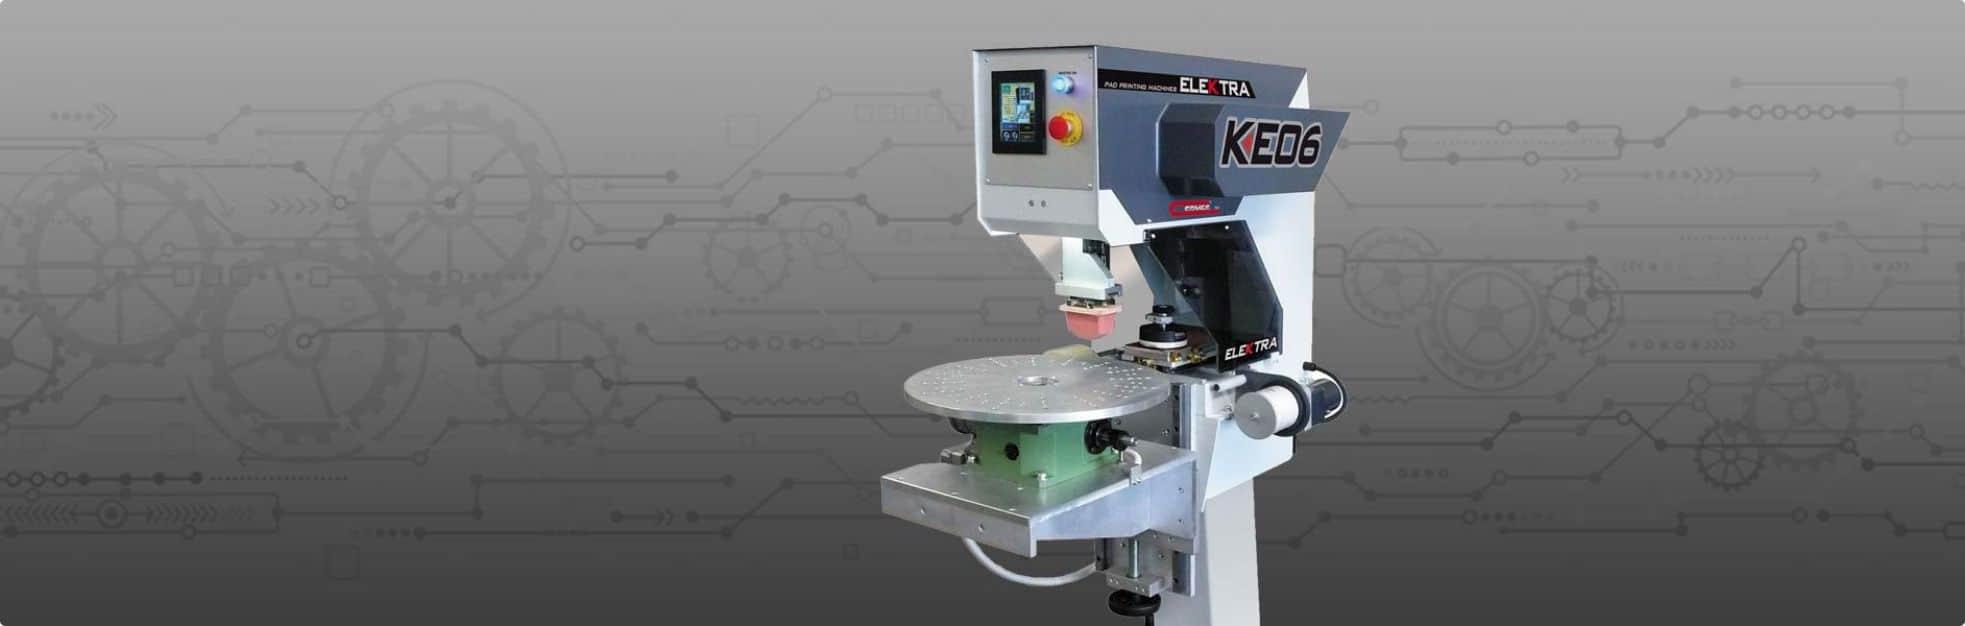 KE06 Pad Printing Machine